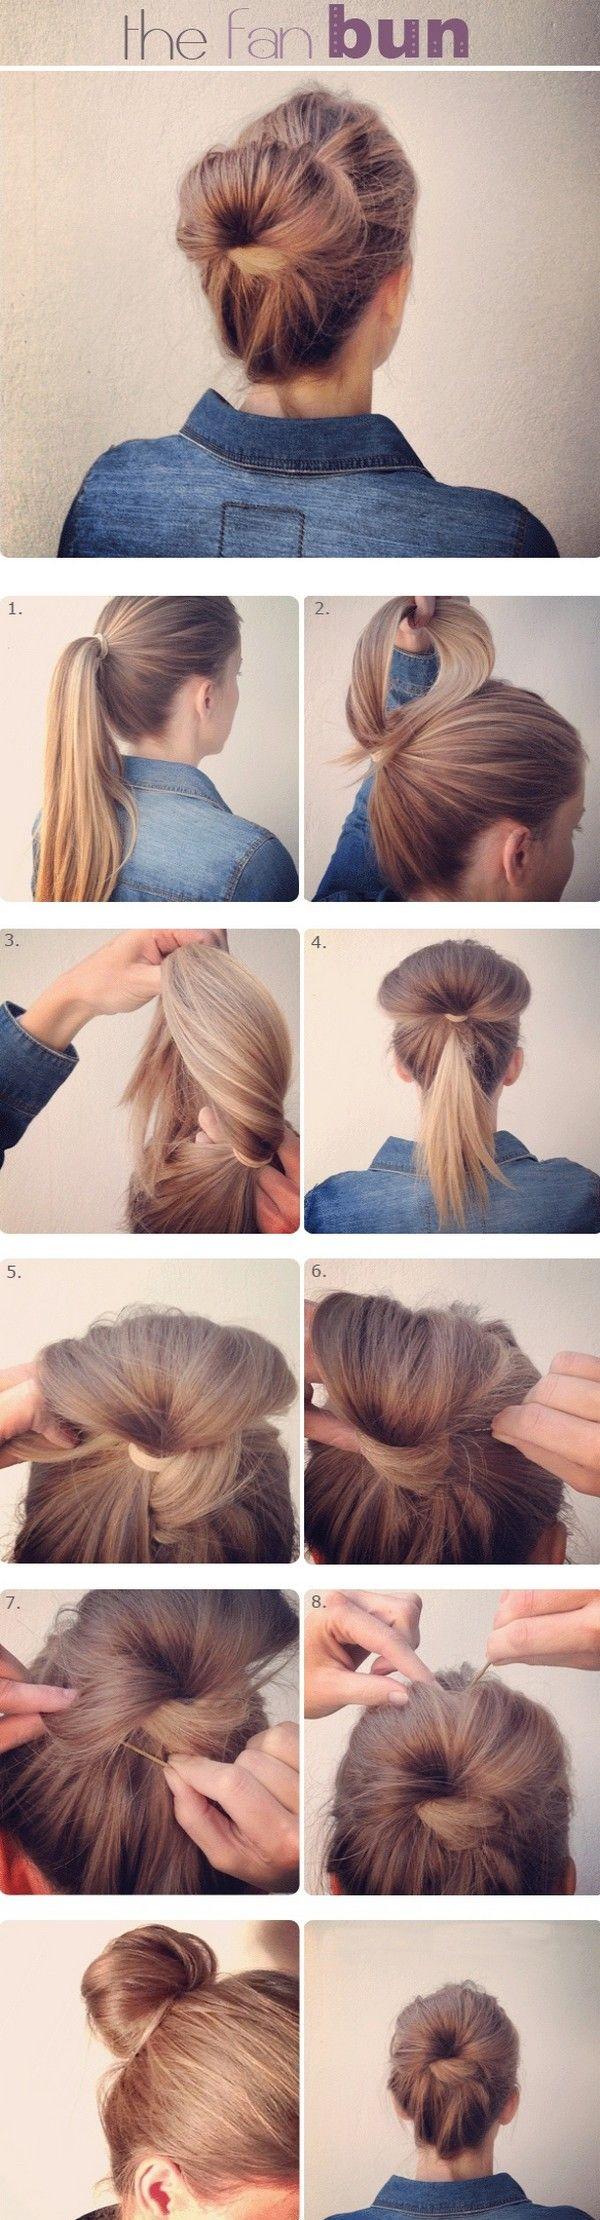 fan hair bun tutorial.